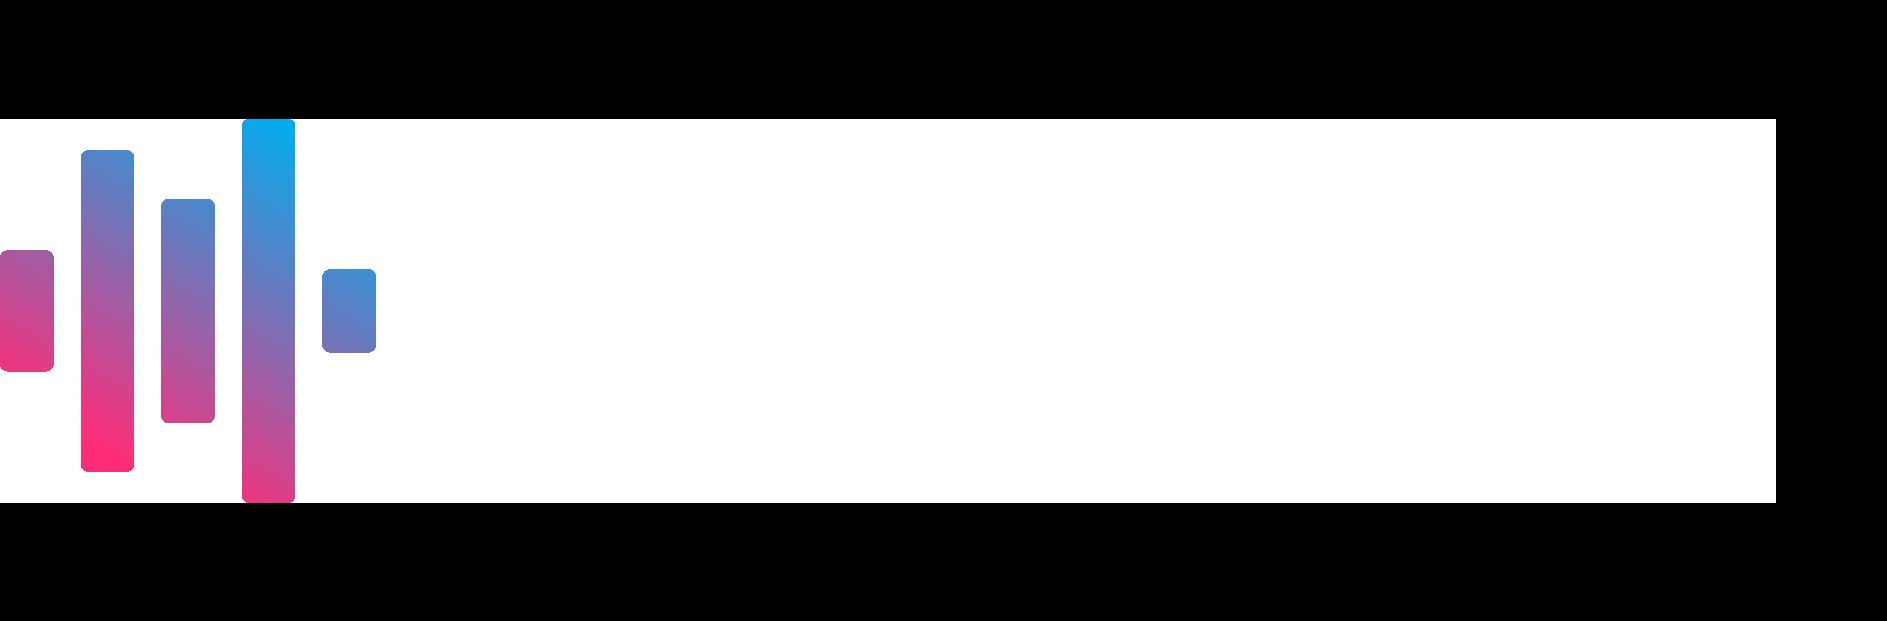 MMJ_logo_color_wht_text_crop-1